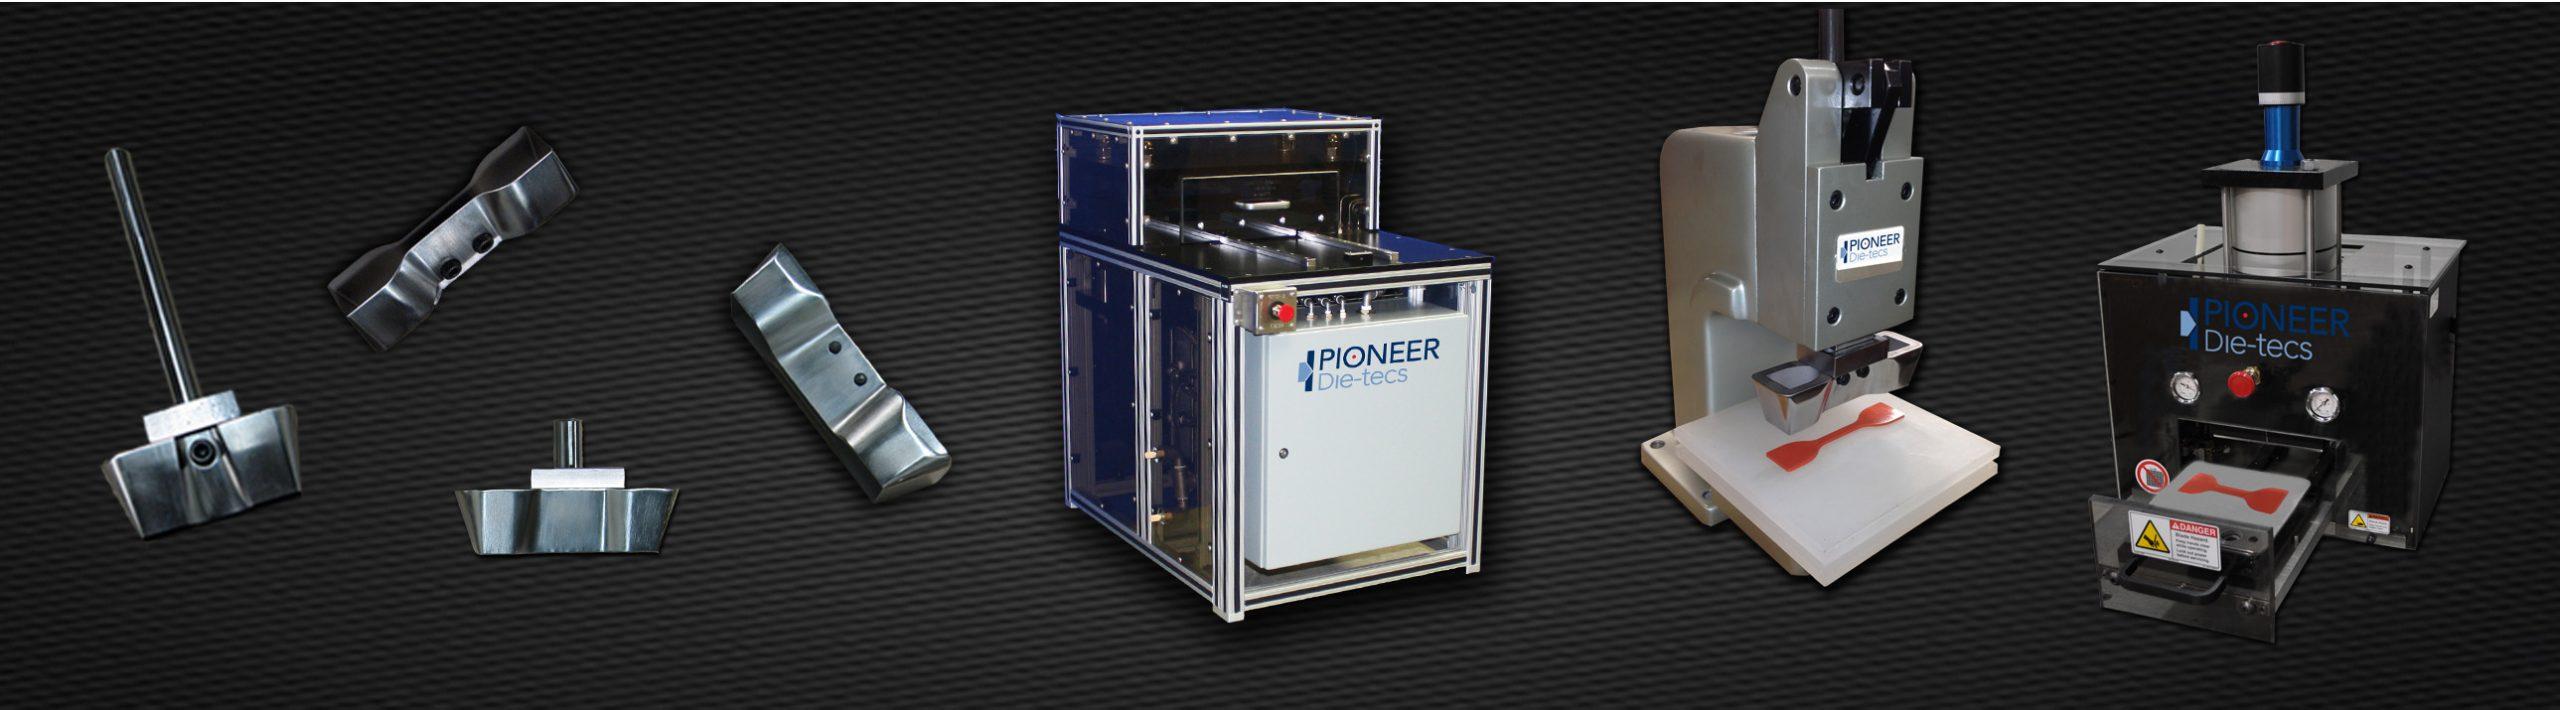 Pioneer-Dietecs die-cutting products